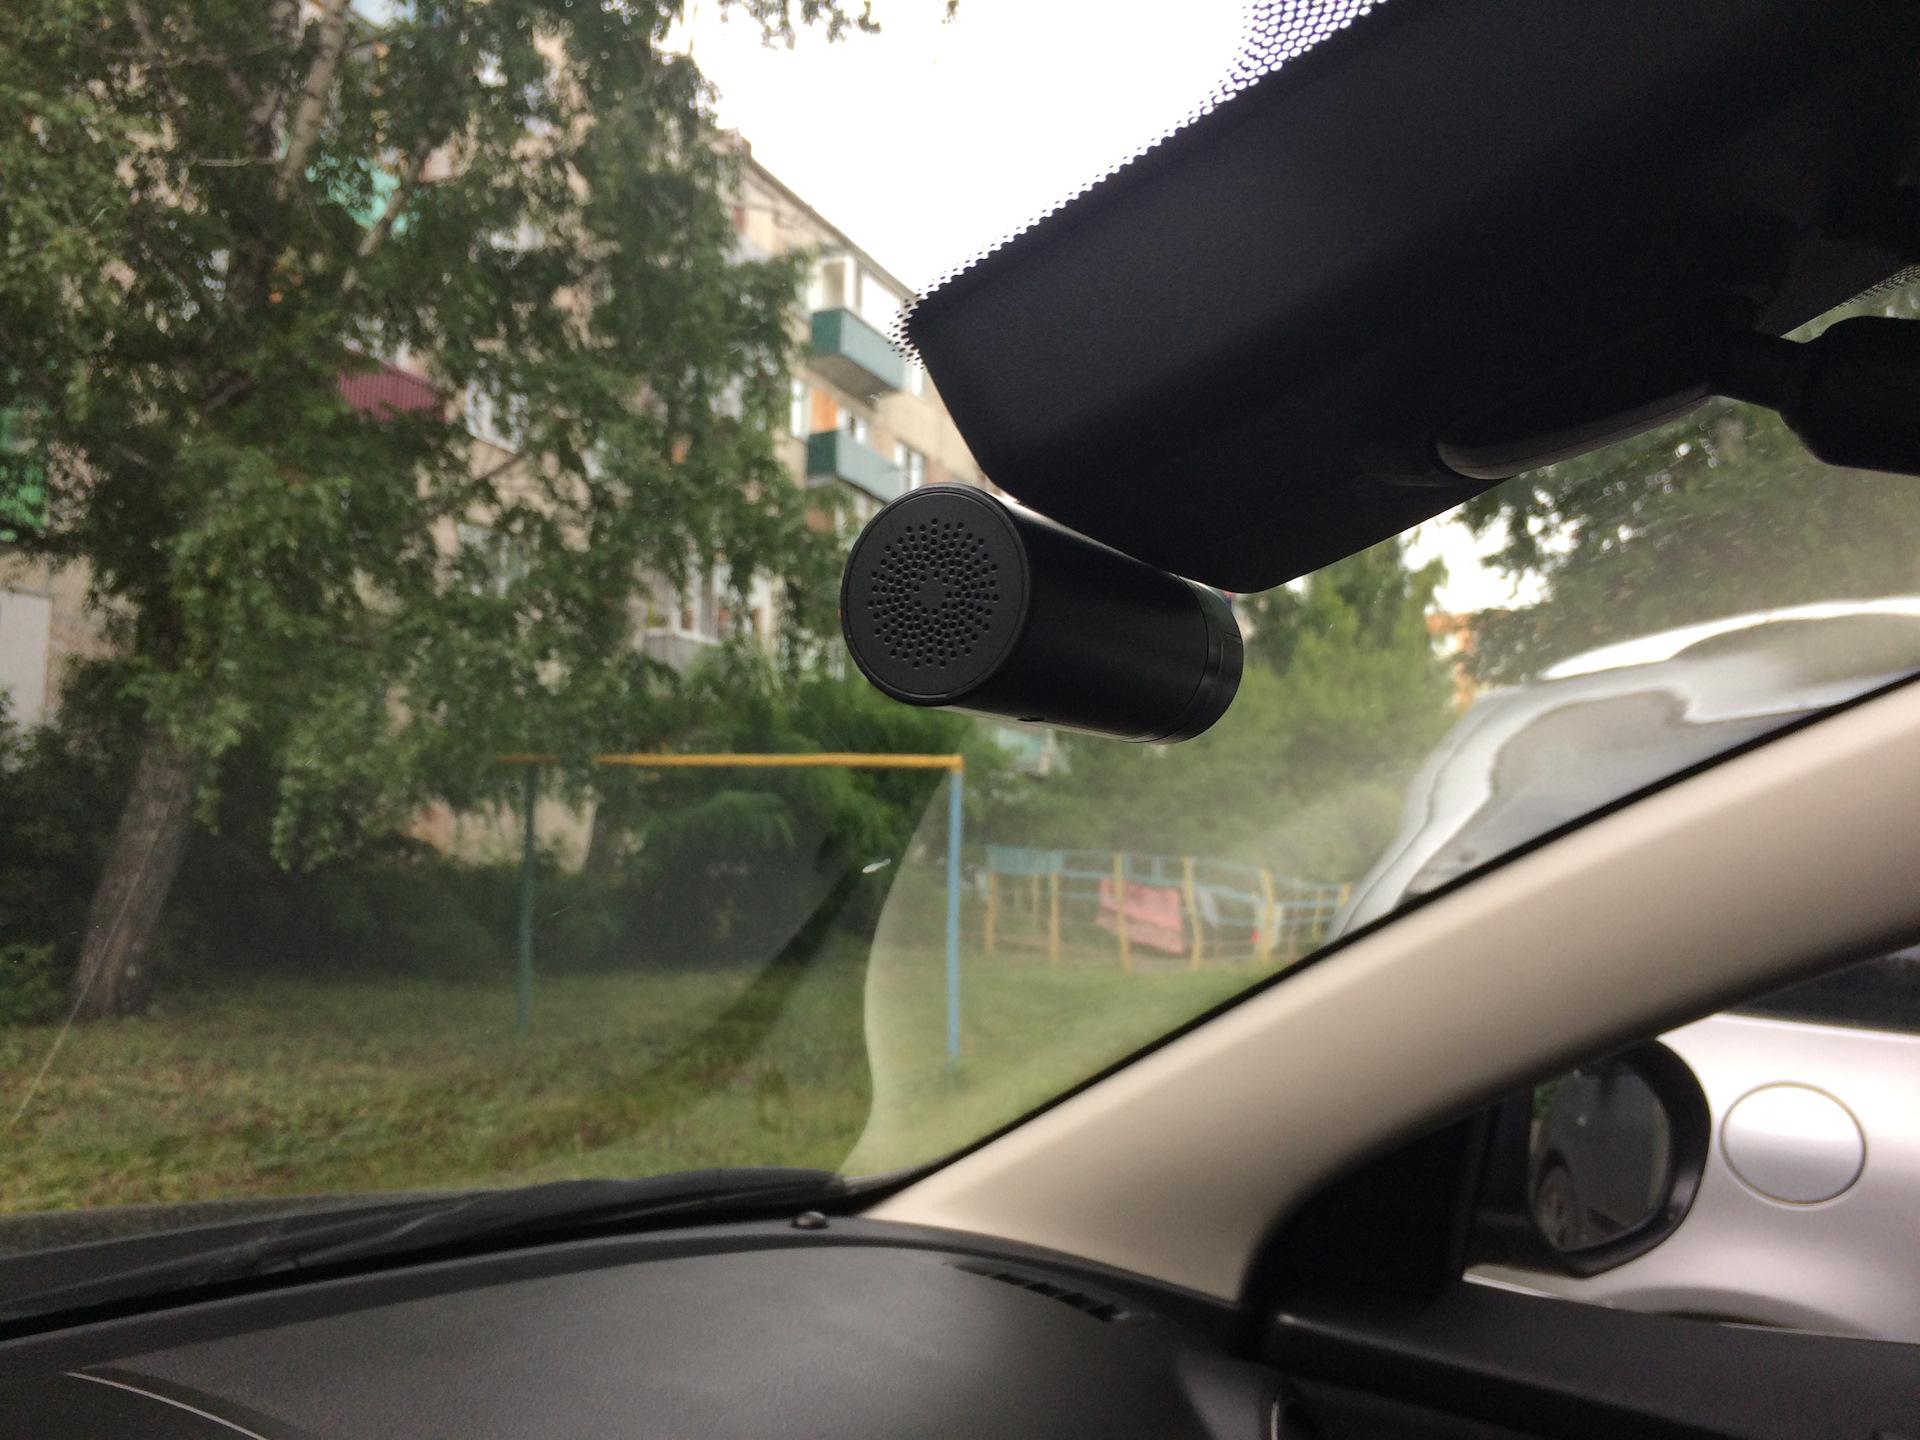 katalog-prostitutki-foto-devushka-snimaet-mini